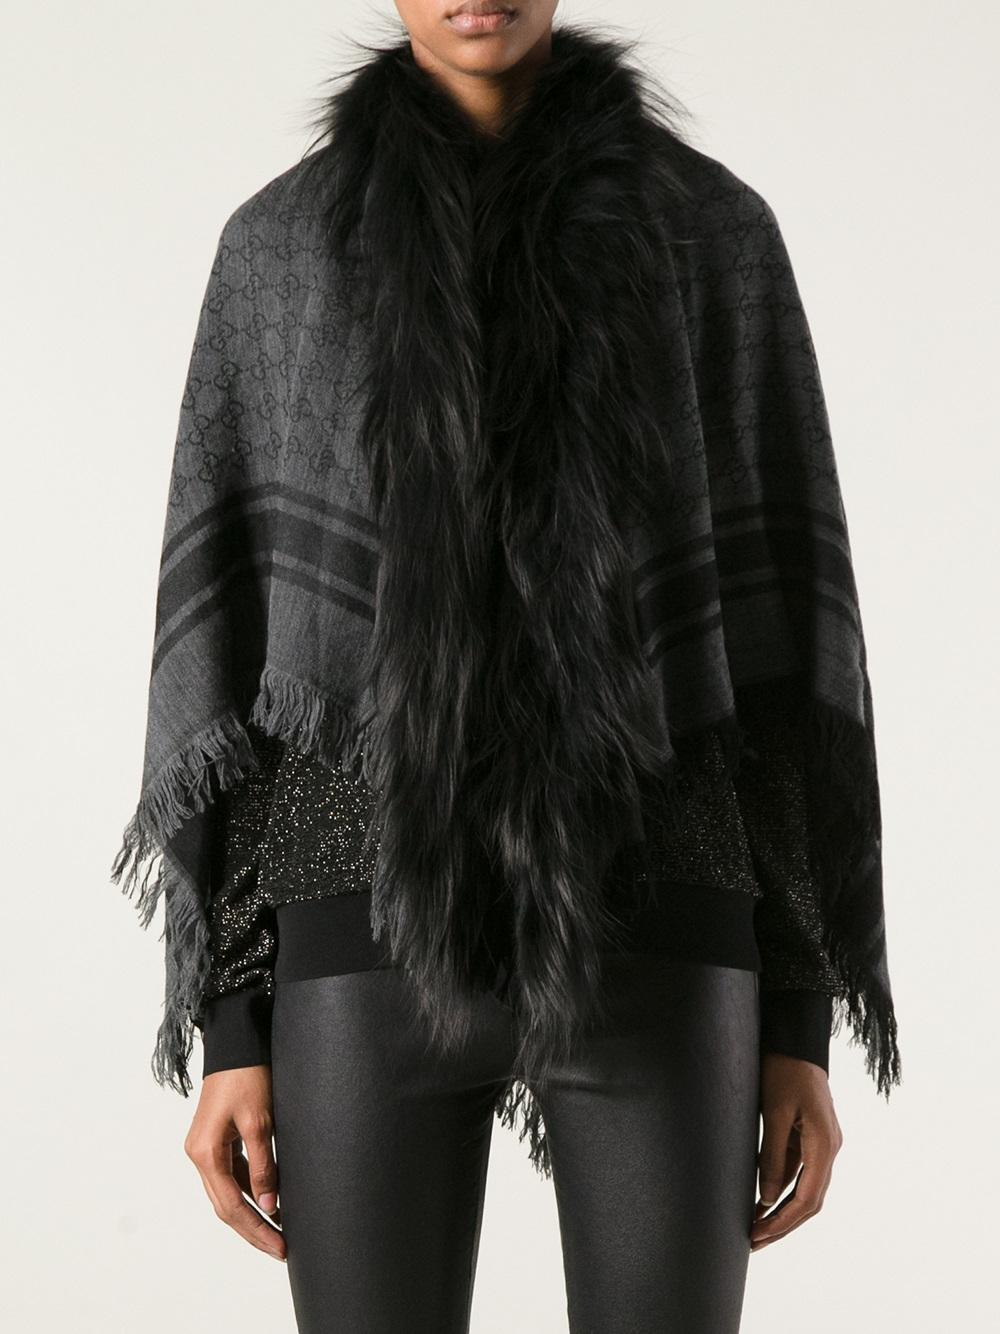 2f28e6e7021 Gucci Fox Fur Trim Shrug in Black - Lyst